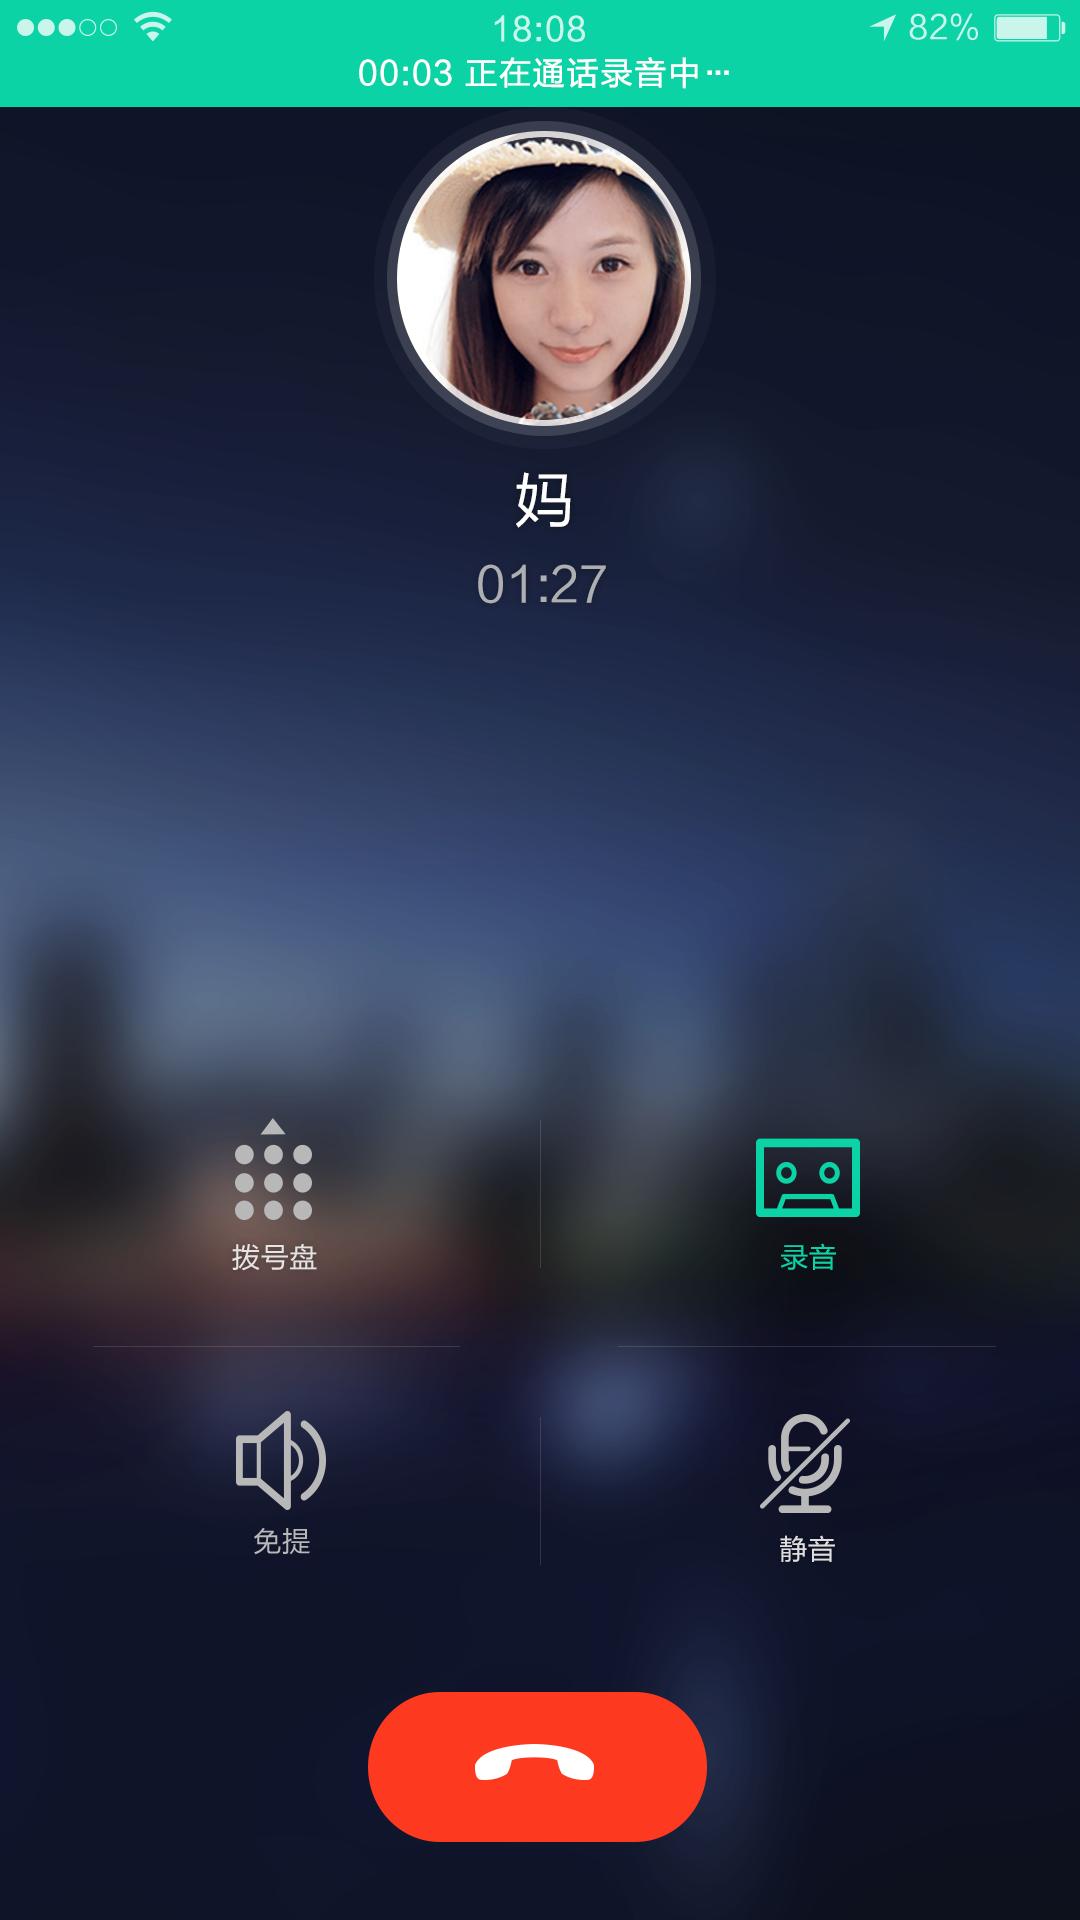 漫话电话手机app图4: